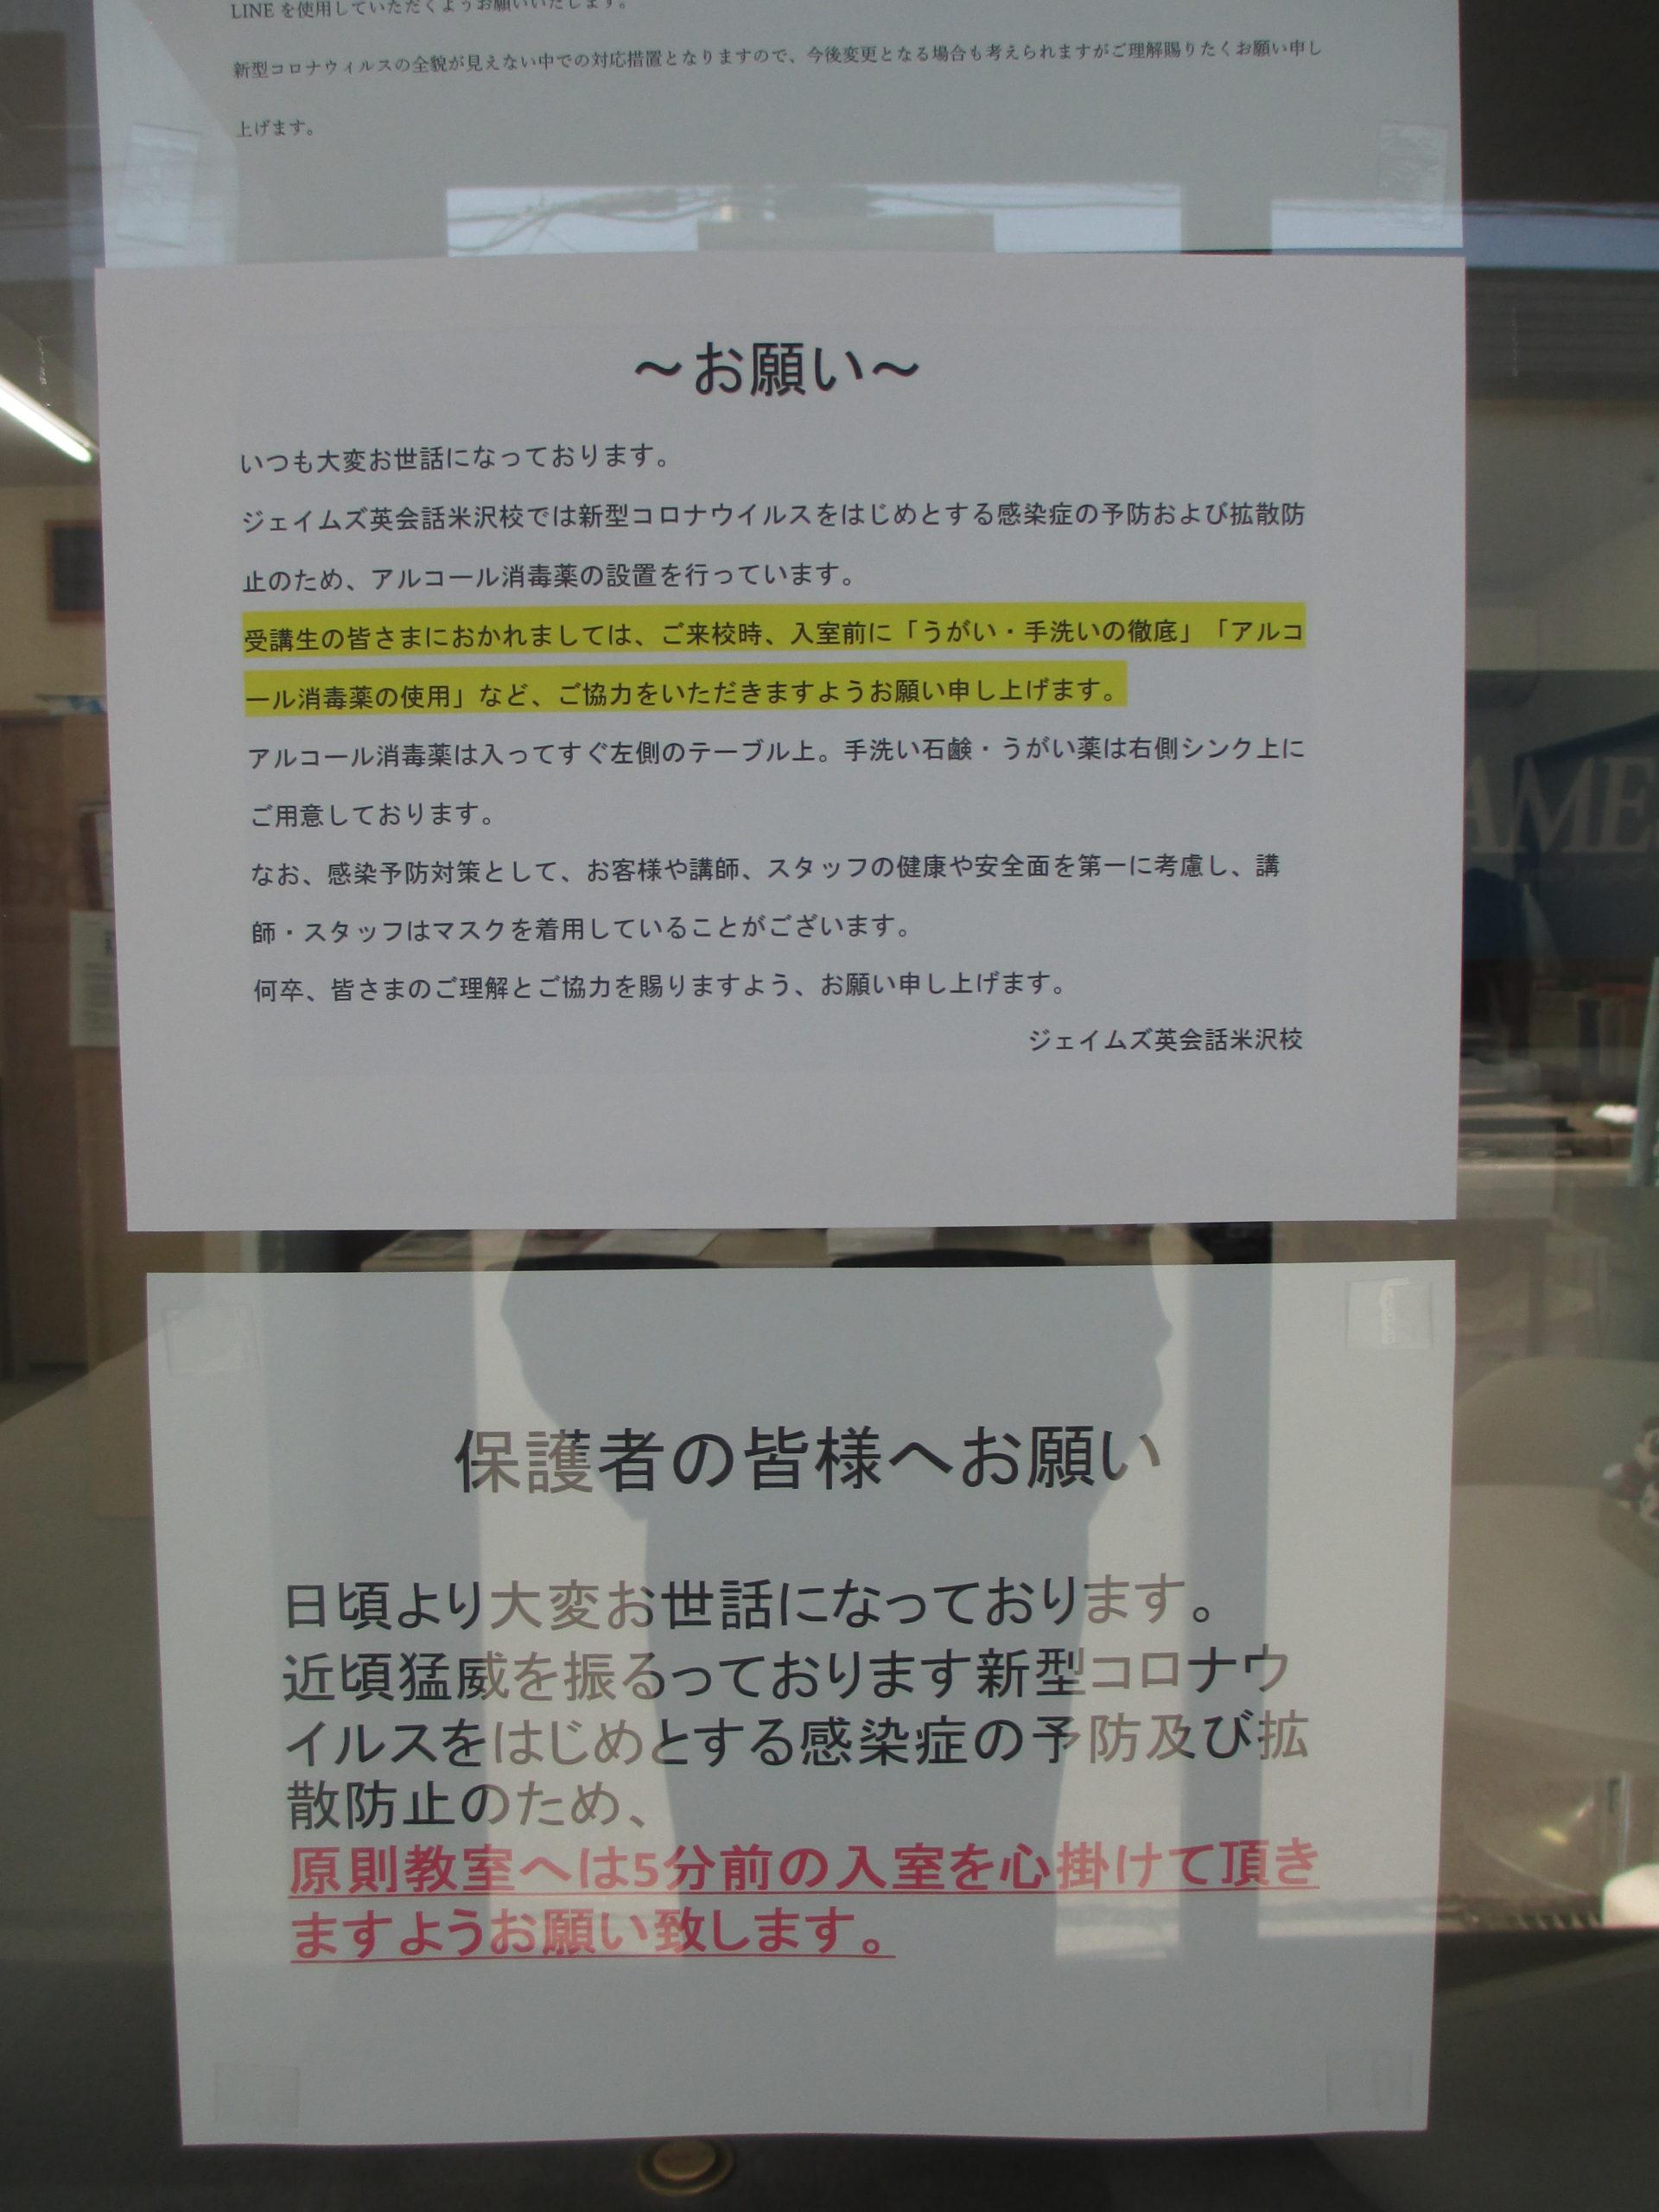 英語 感染 拡大 新型コロナウイルスの【感染拡大警報】は英語で?